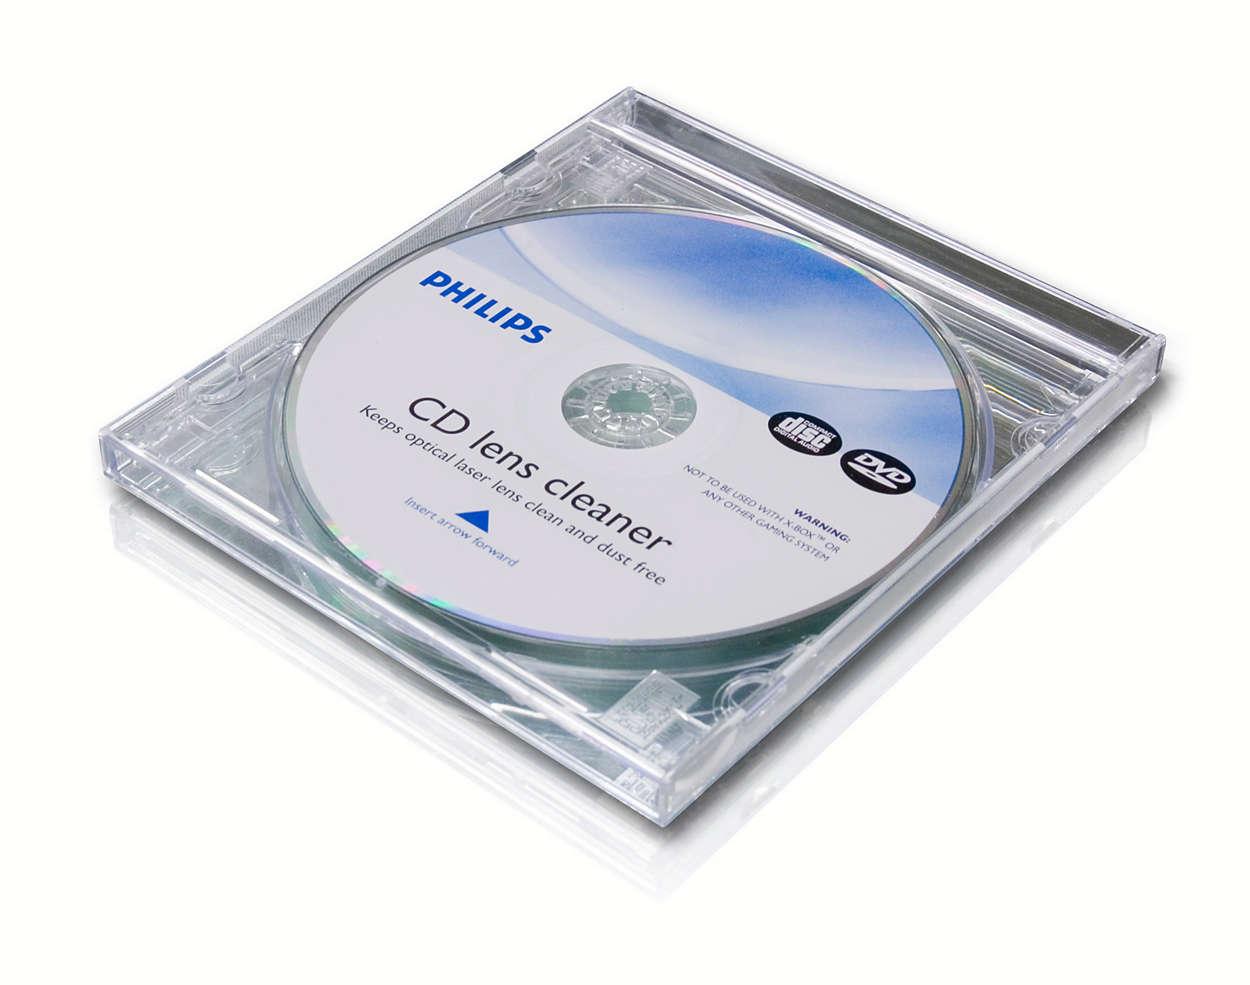 Dvd Lens Cleaner Software Free Download - softpeak-isoft